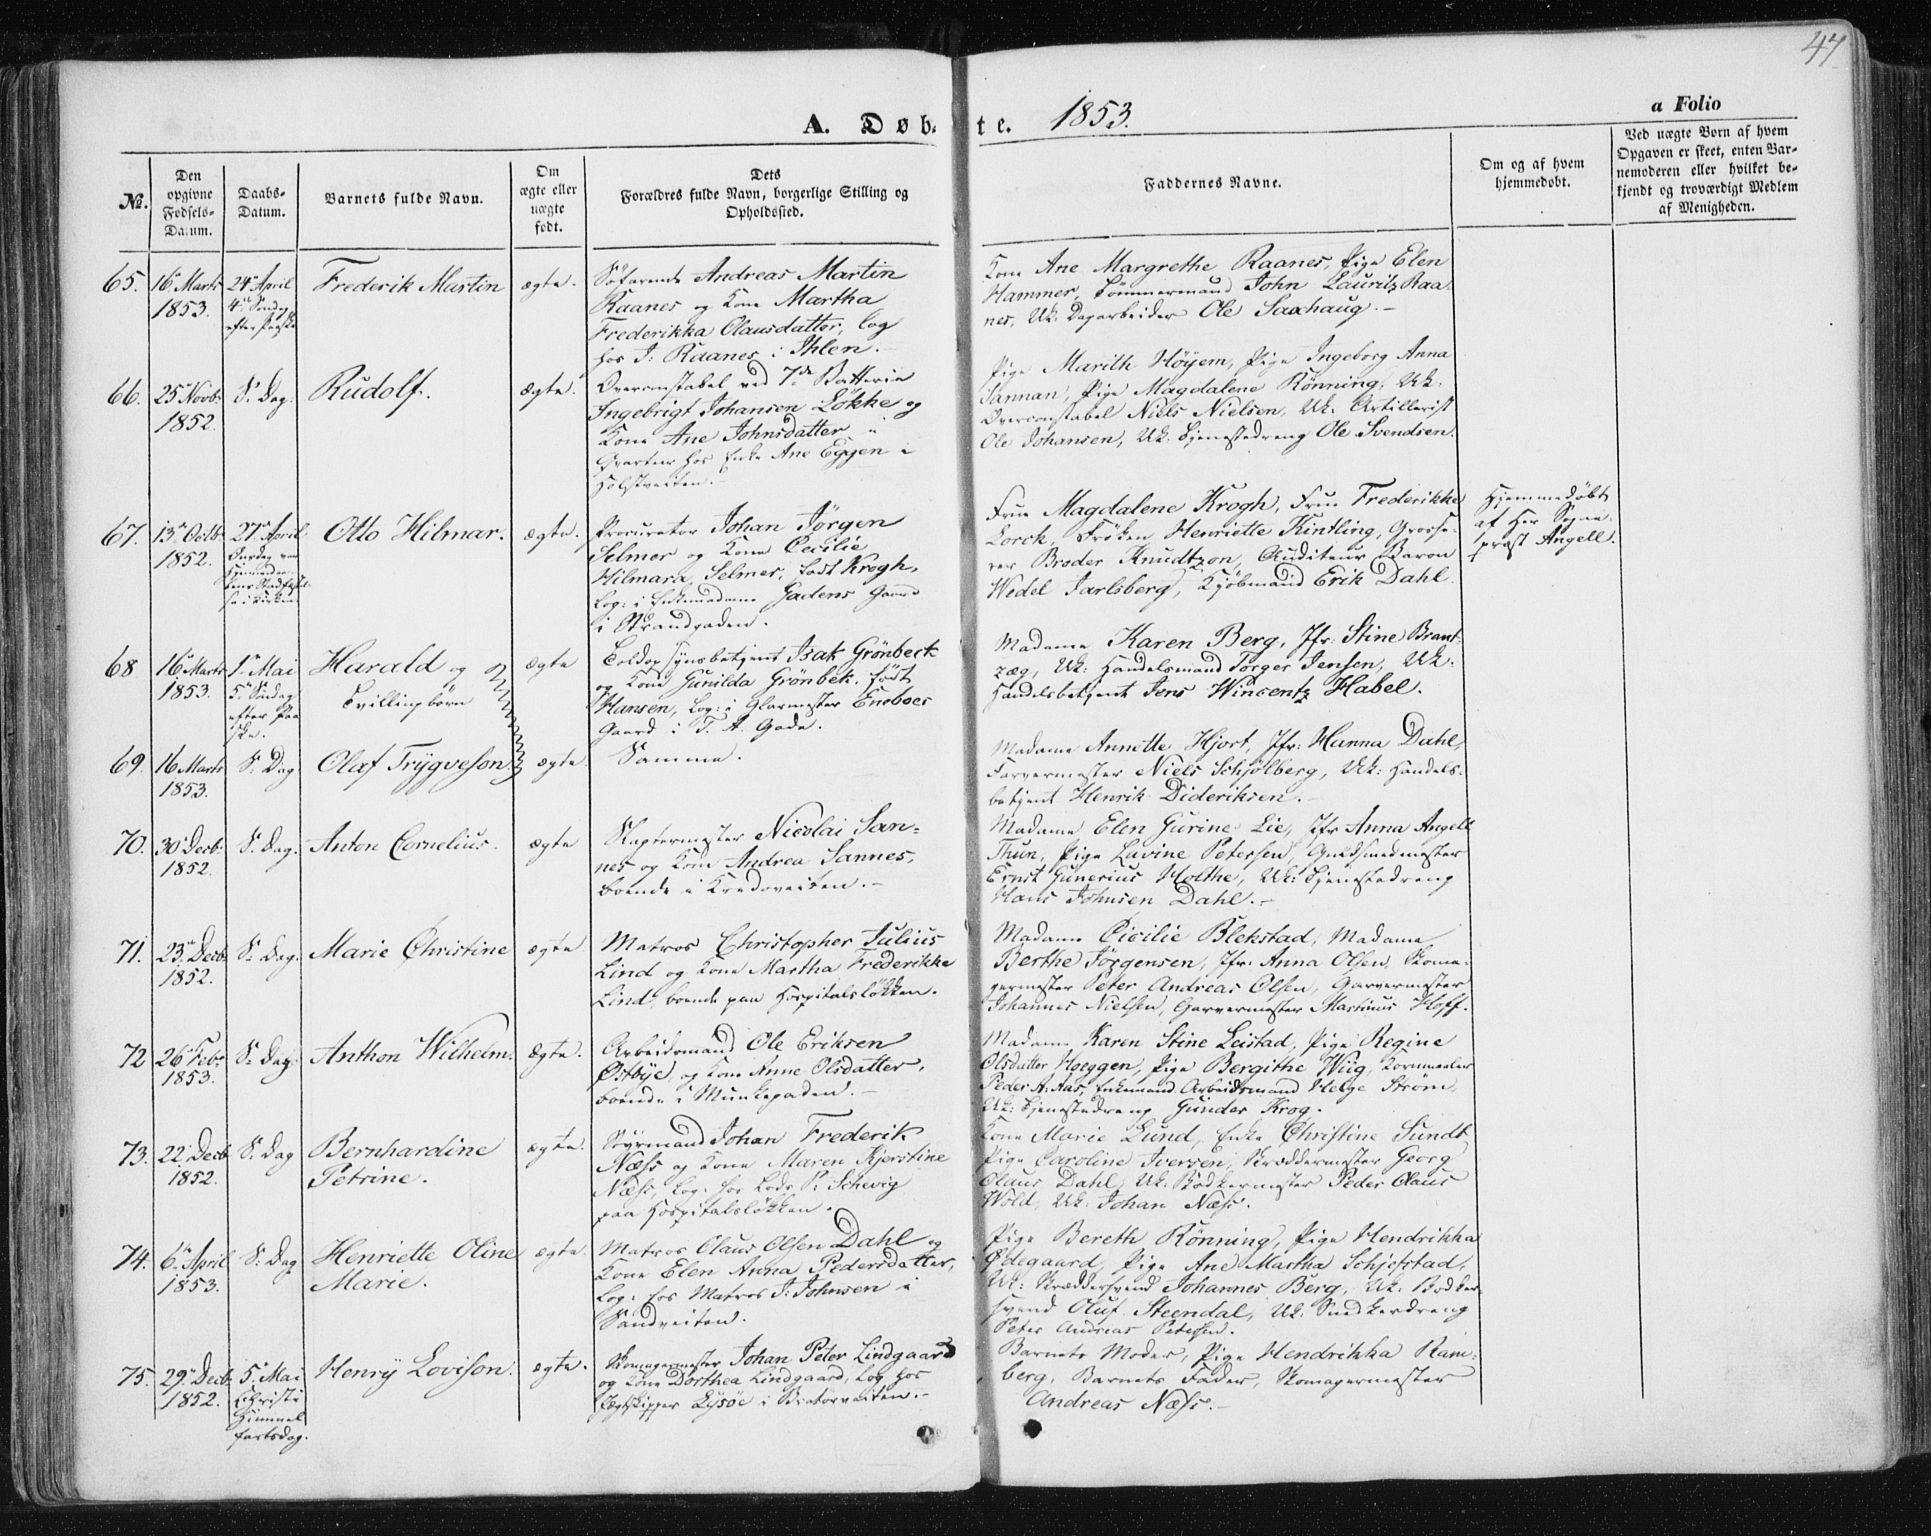 SAT, Ministerialprotokoller, klokkerbøker og fødselsregistre - Sør-Trøndelag, 602/L0112: Ministerialbok nr. 602A10, 1848-1859, s. 47